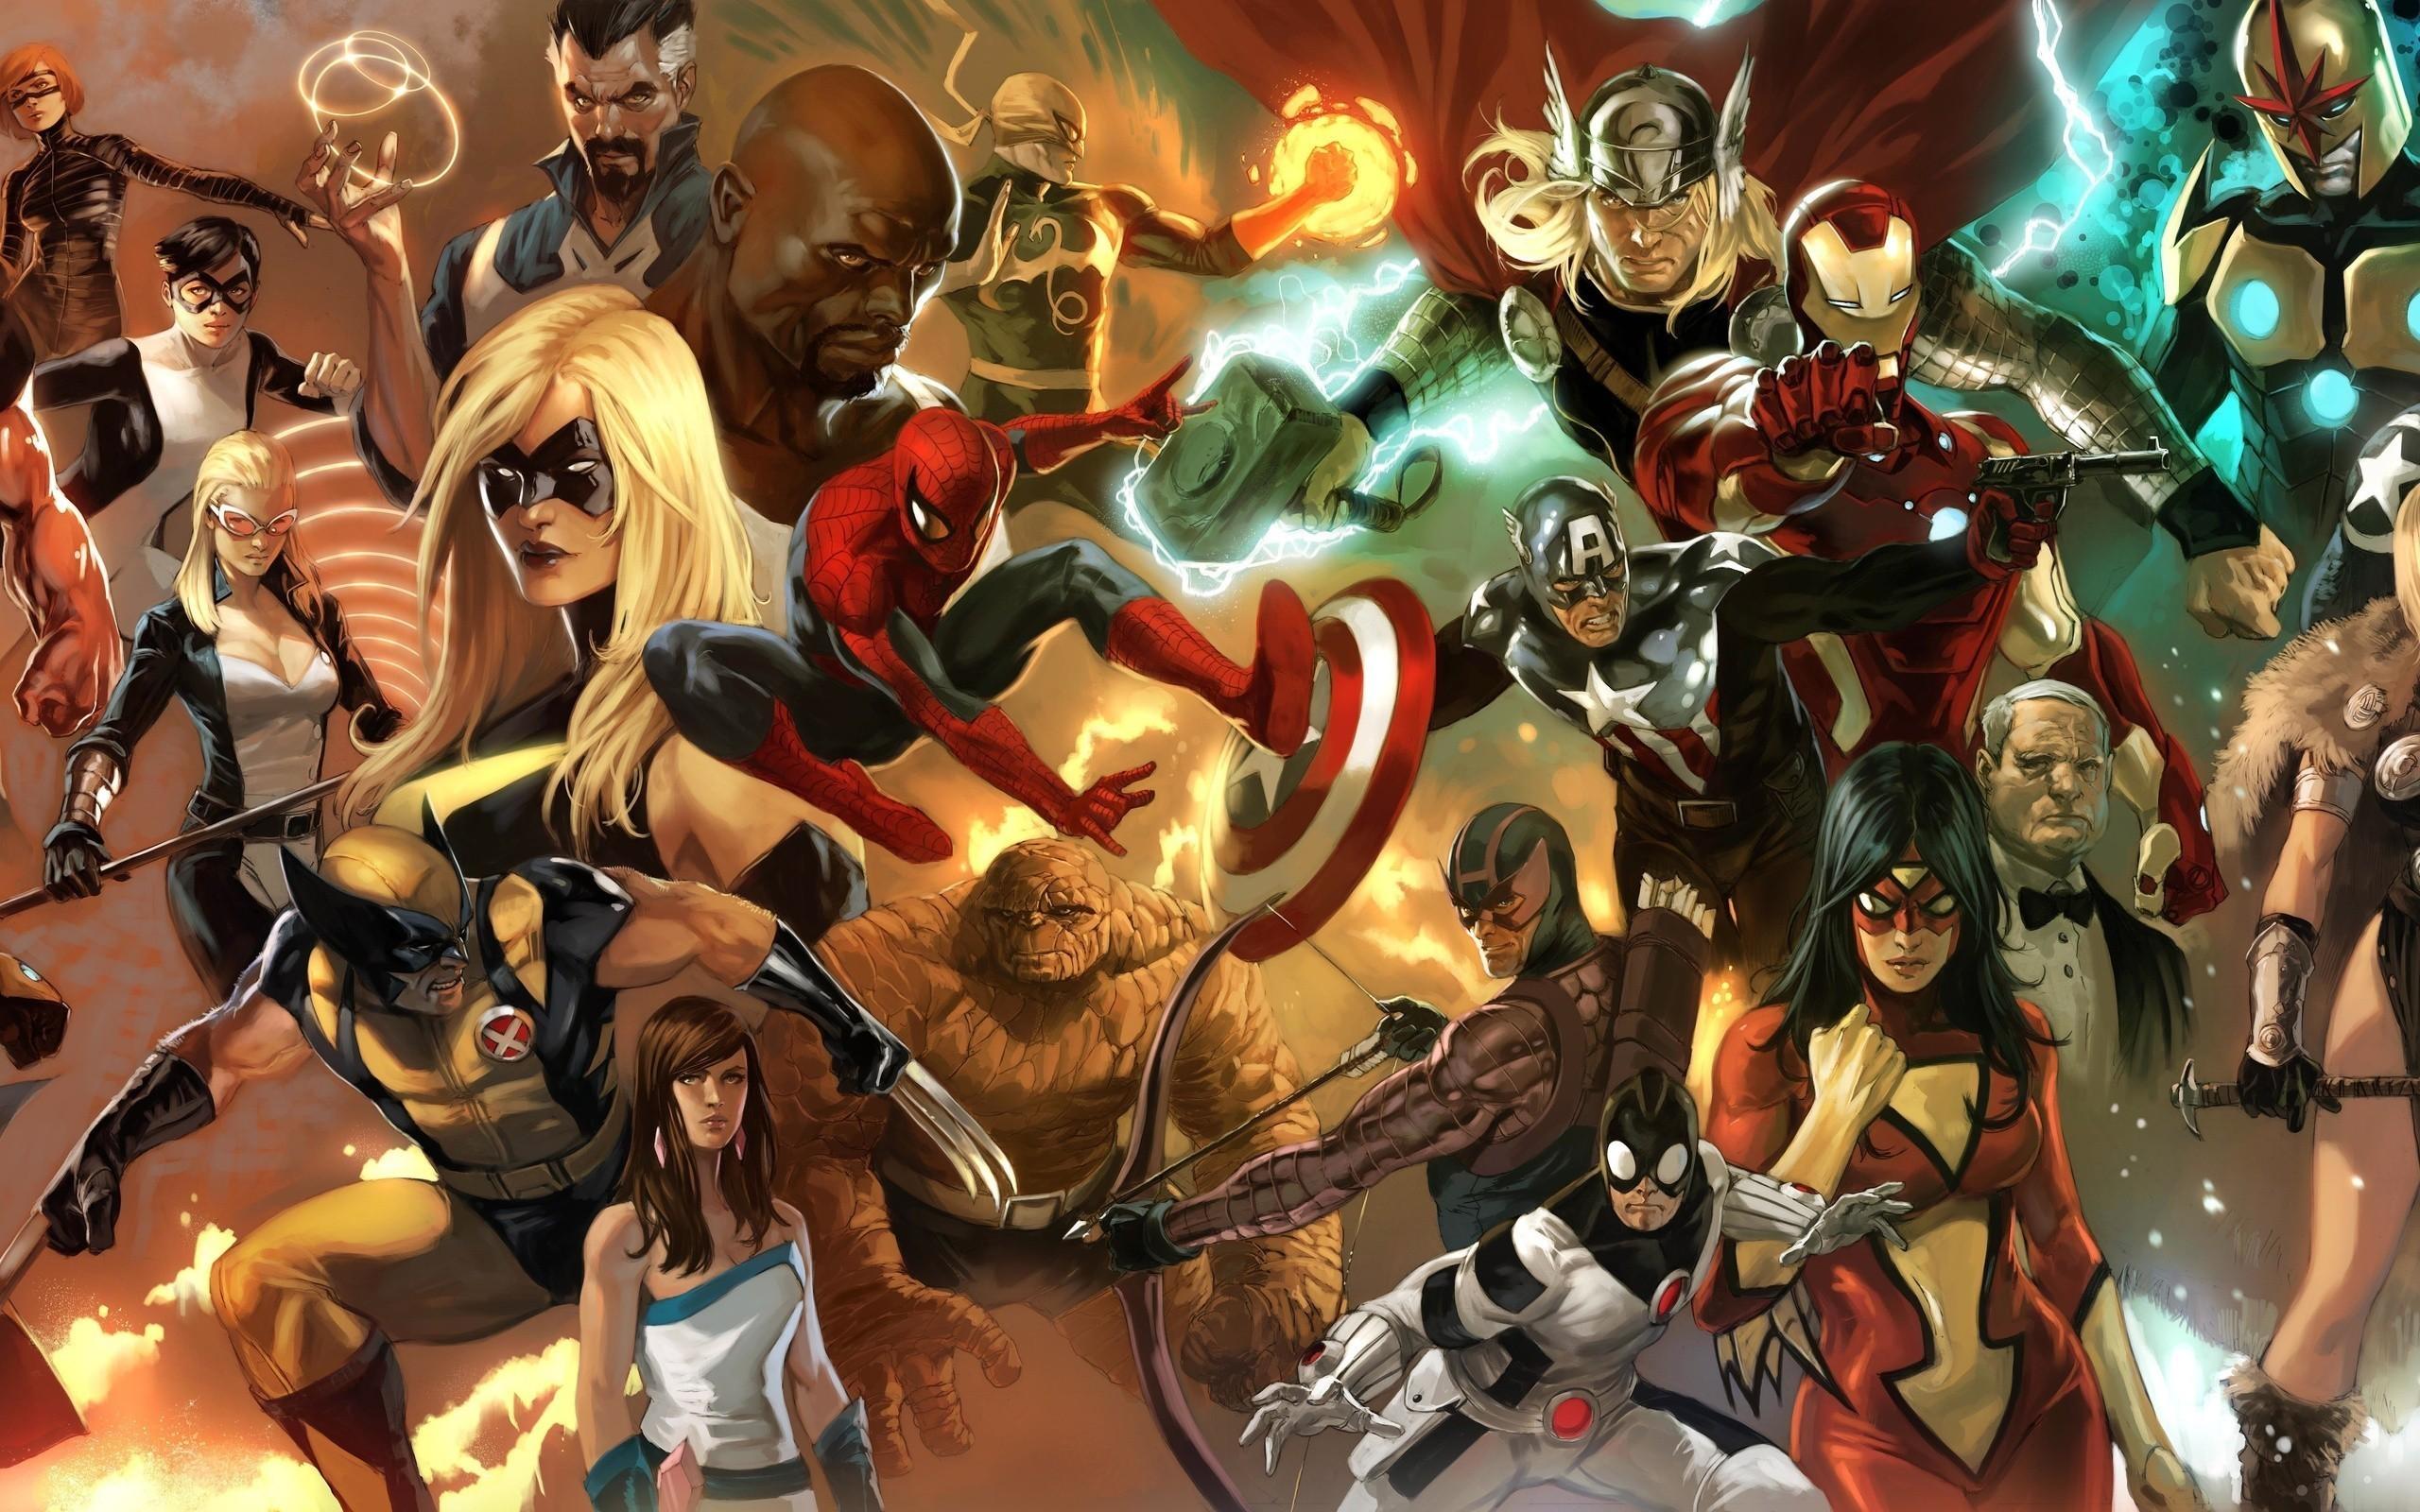 Res: 2560x1600, HD Wallpaper | Background Image ID:283337.  Comics Marvel Comics